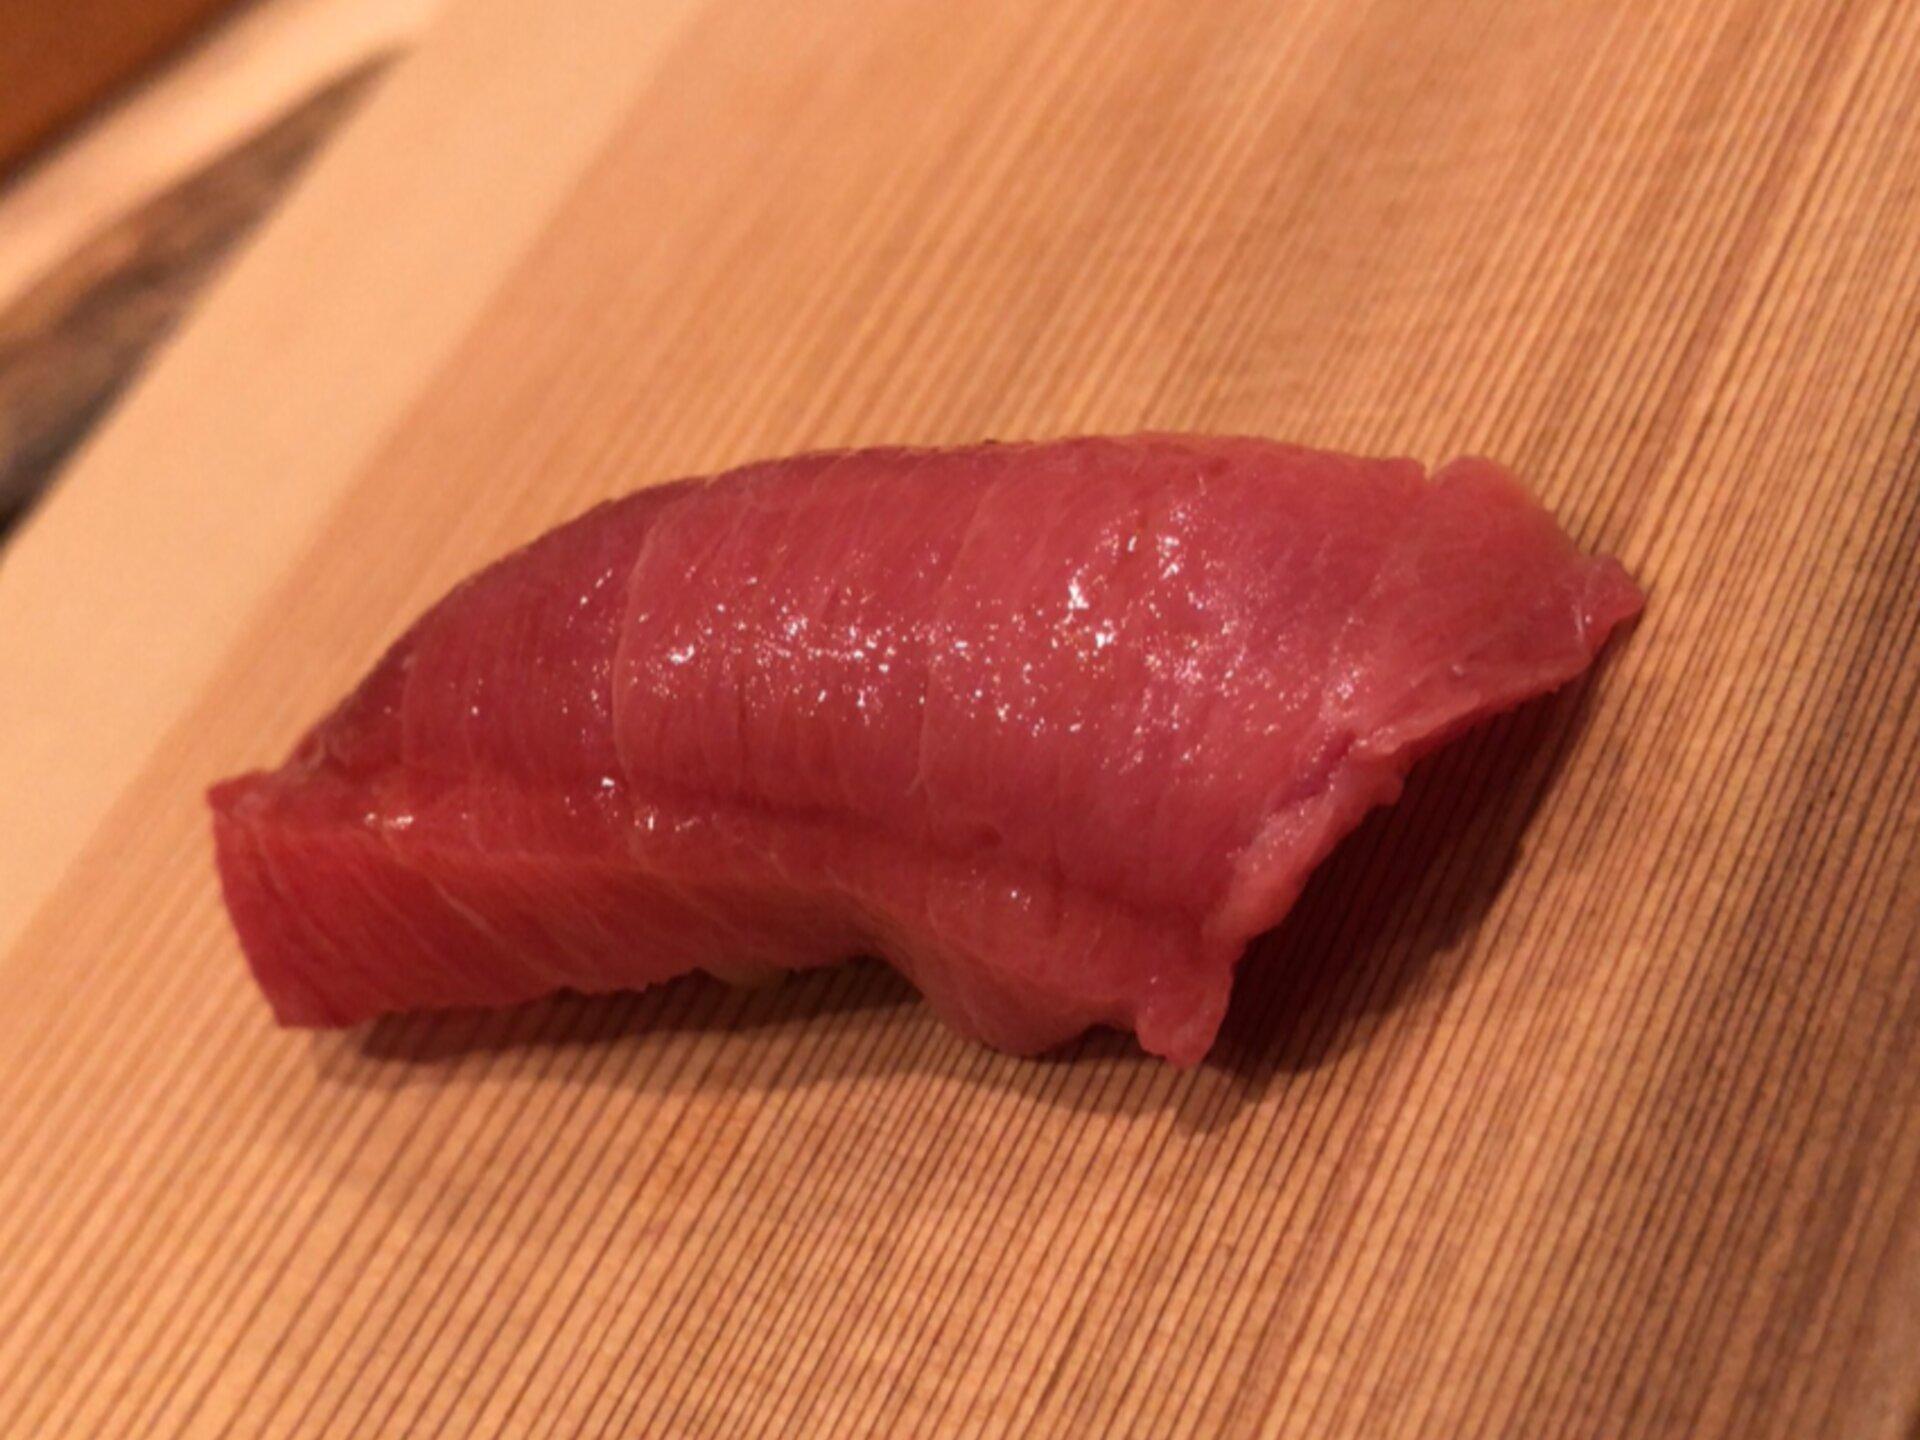 【銀座】私が通い詰める鮨屋はこちら!いつ行っても丁寧な鮨を握ってくれる江戸前鮨『太一』オススメします